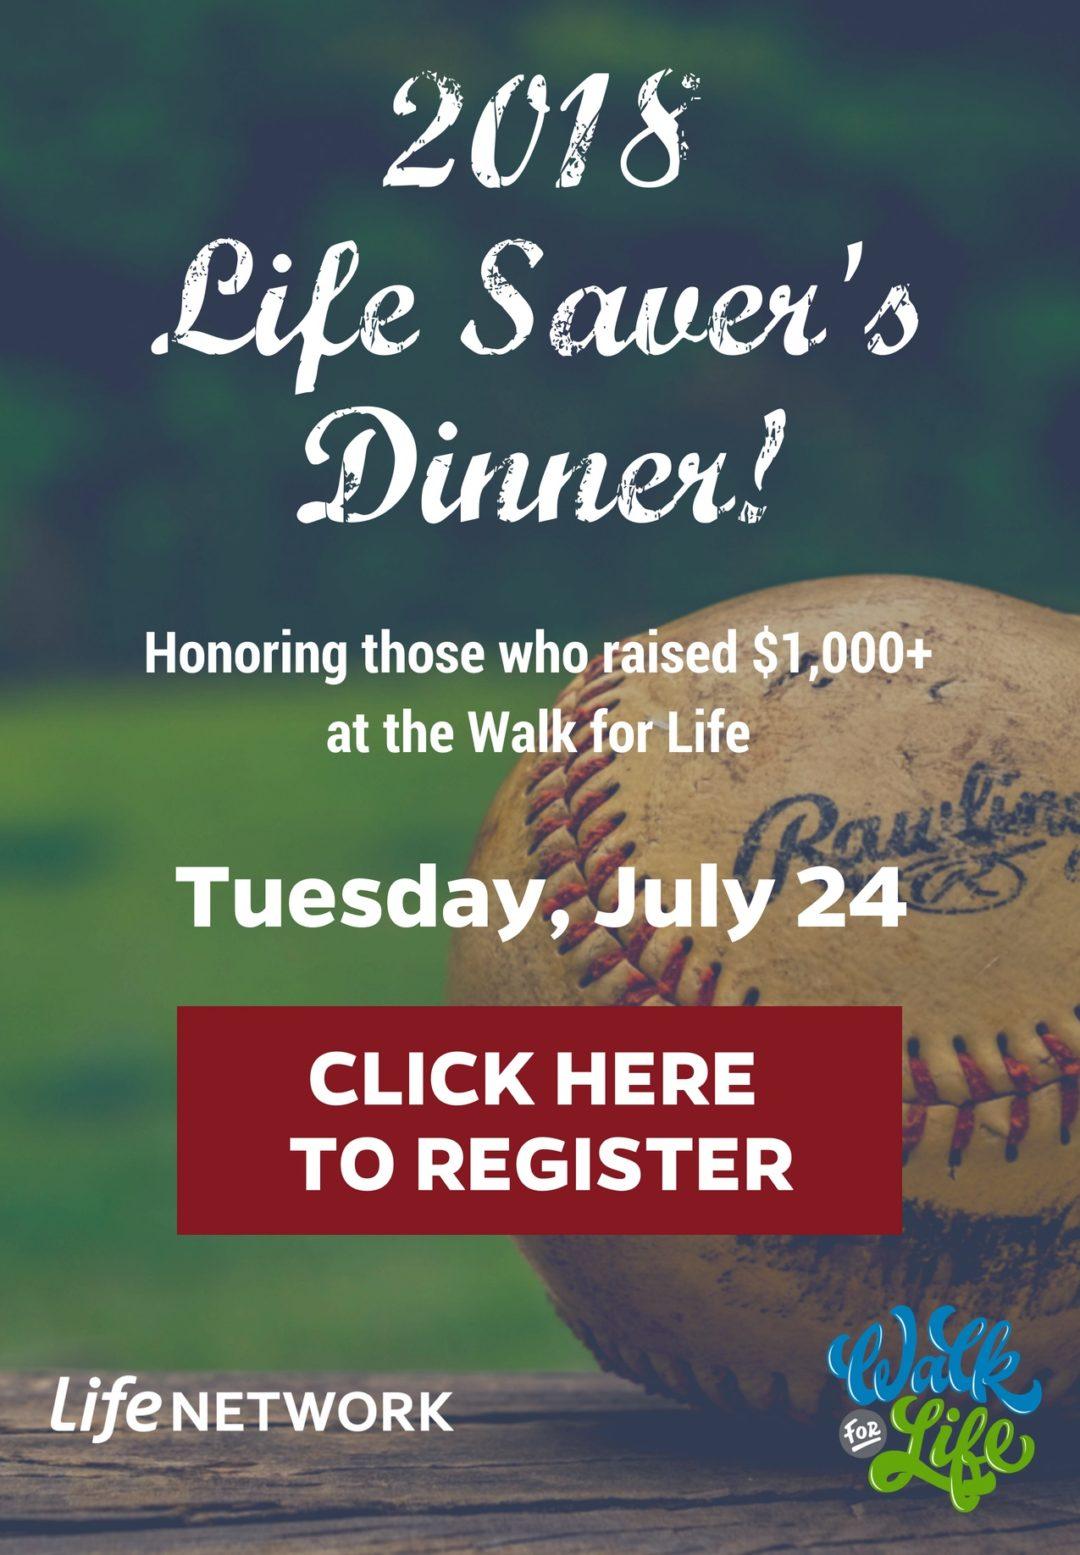 Life Saver's event